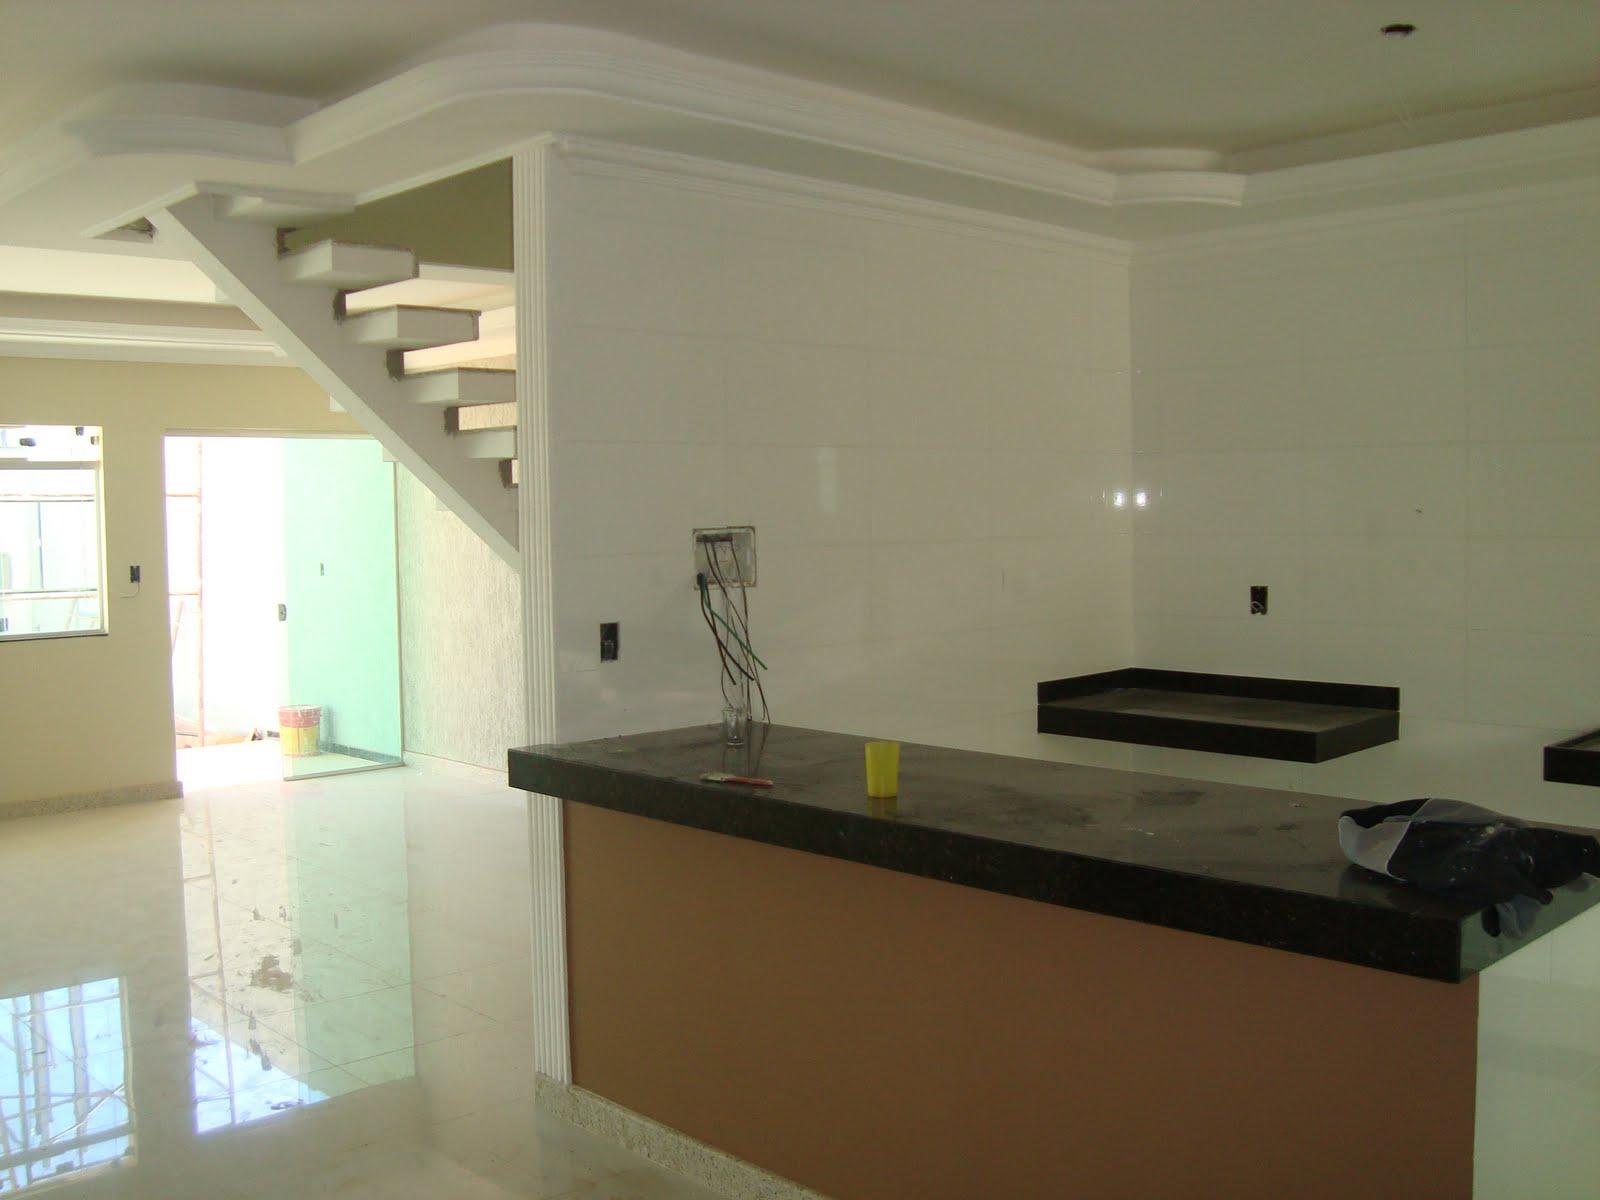 em granito lavabo acabamento em gesso e grafiato piso em #5C4326 1600 1200